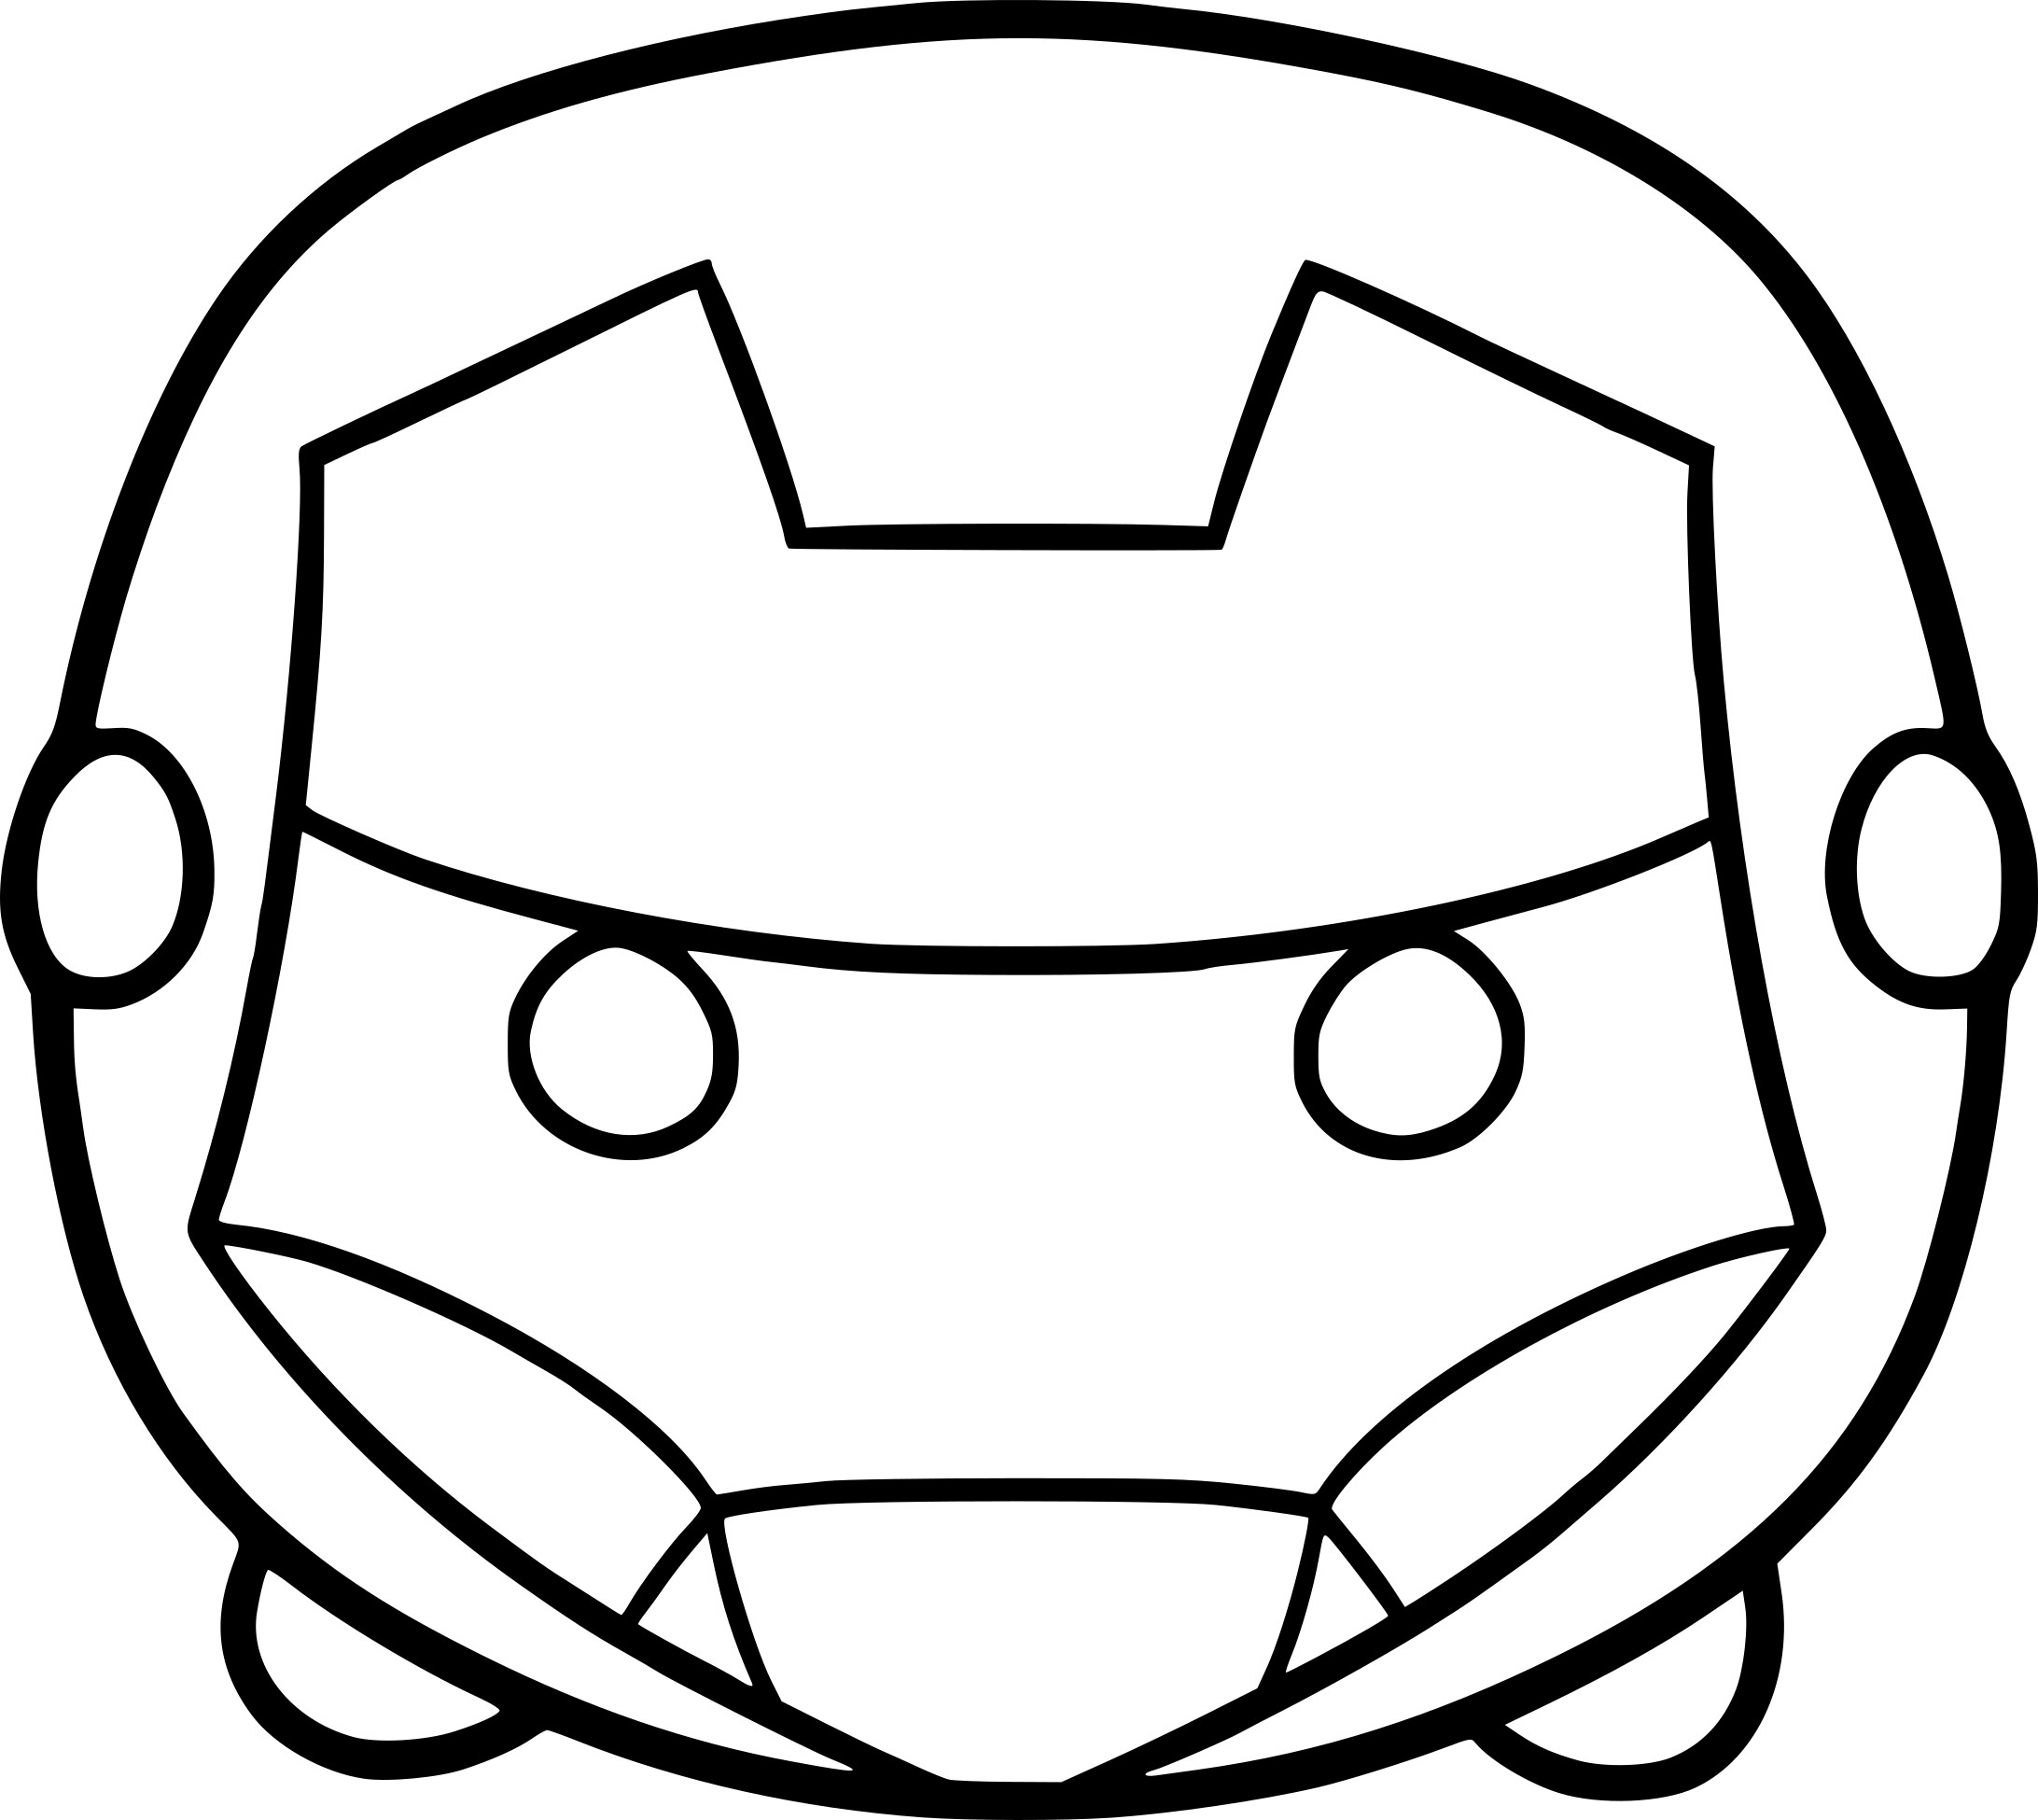 Coloriage Tsum Tsum Iron Man 224 Imprimer Sur Coloriages Info